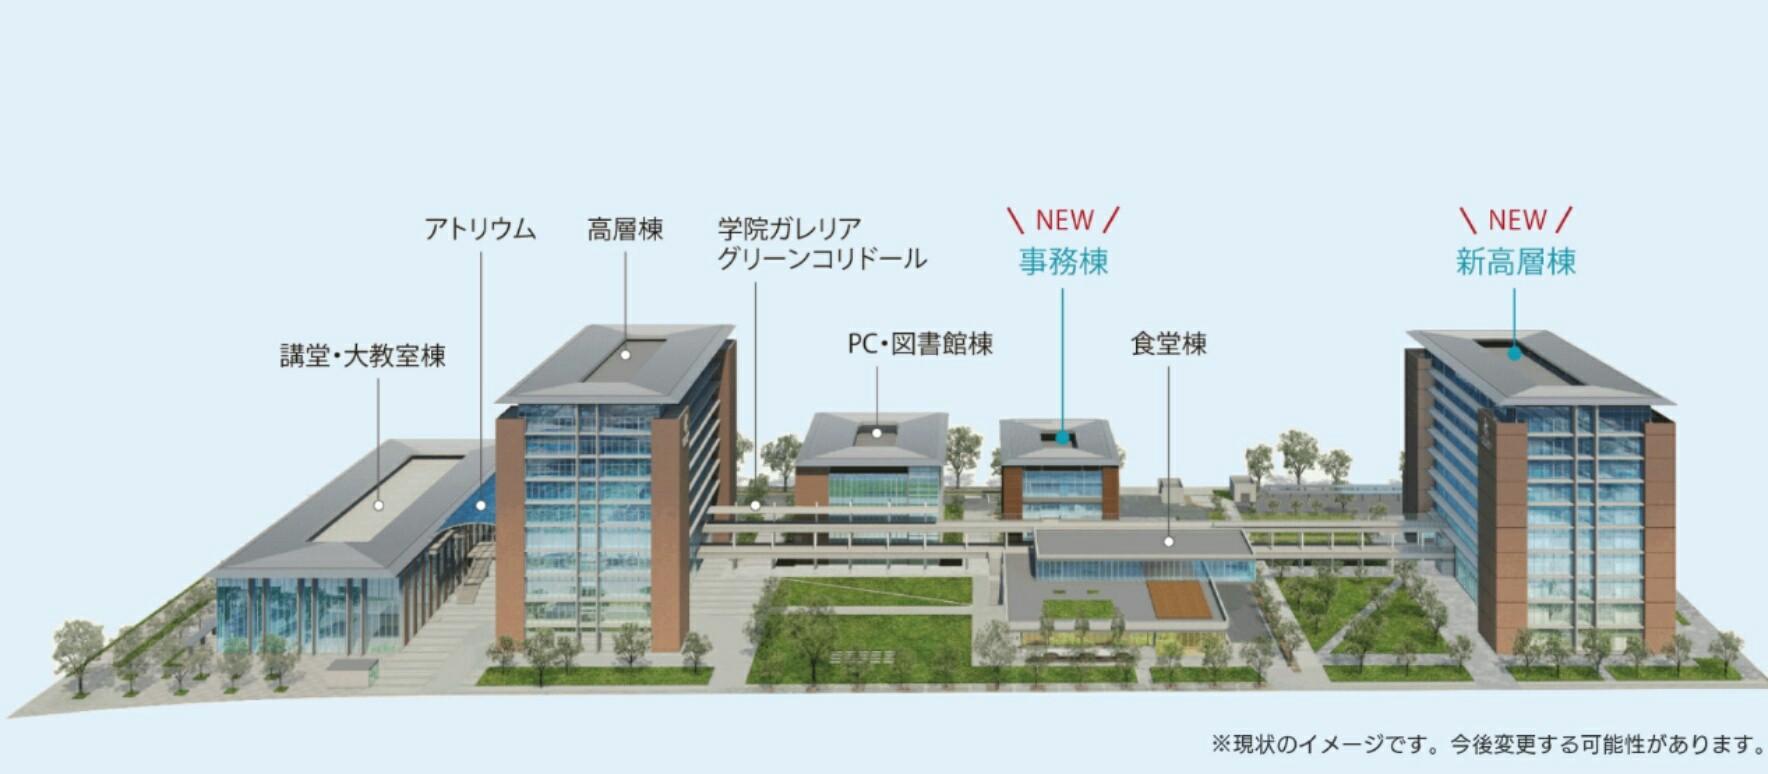 愛知学院大学名城公園キャンパス 第2期整備工事 (名城公園キャンパス ...